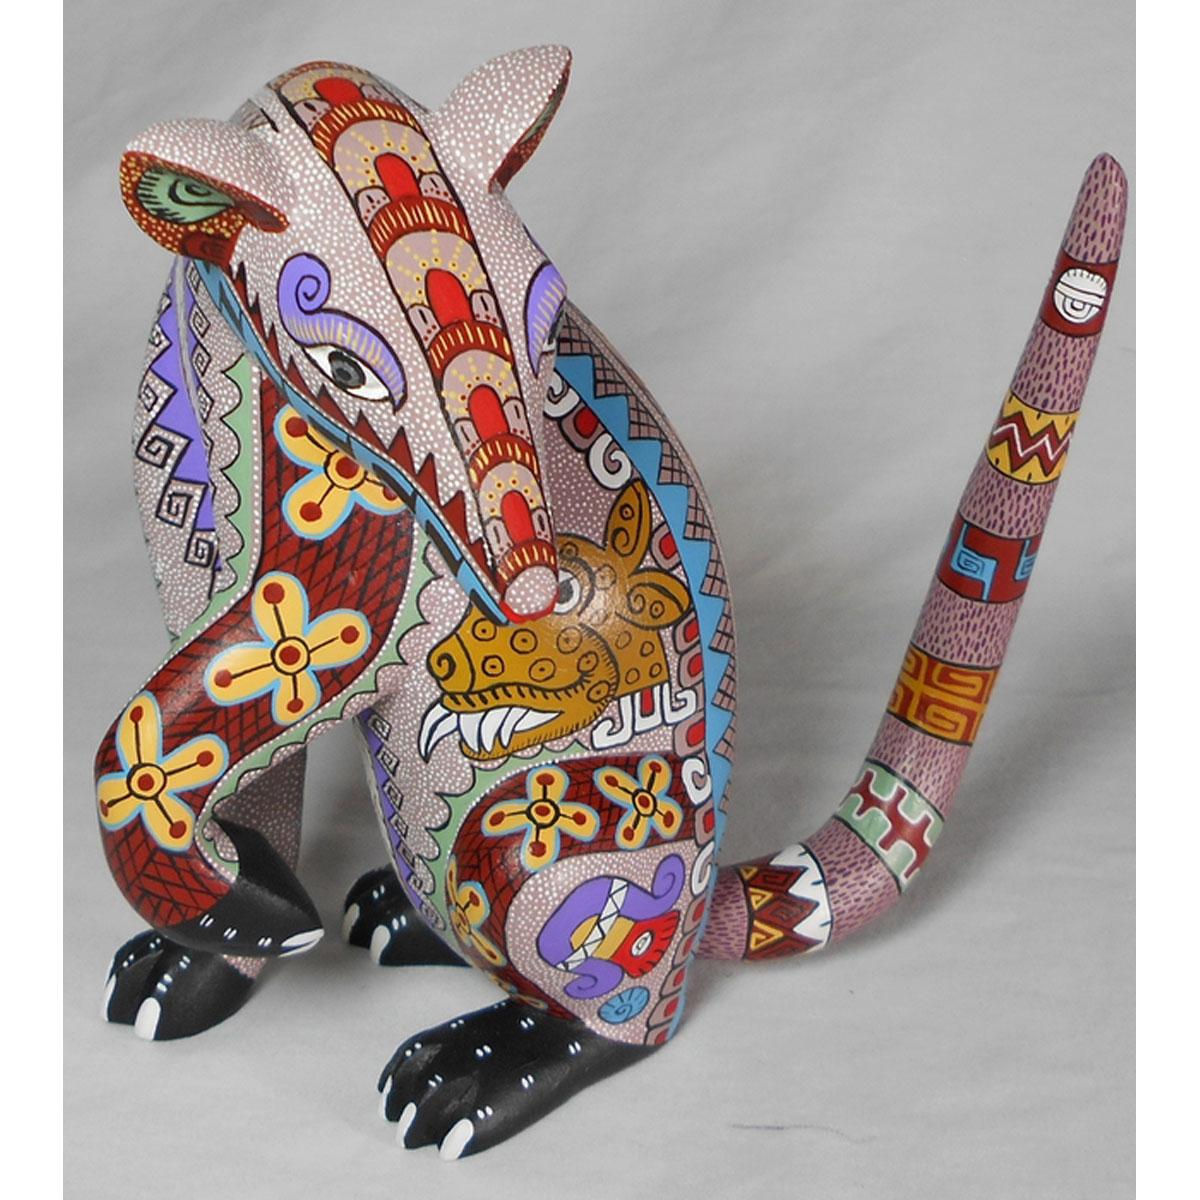 Oaxacan Woodcarving by Bertha Cruz